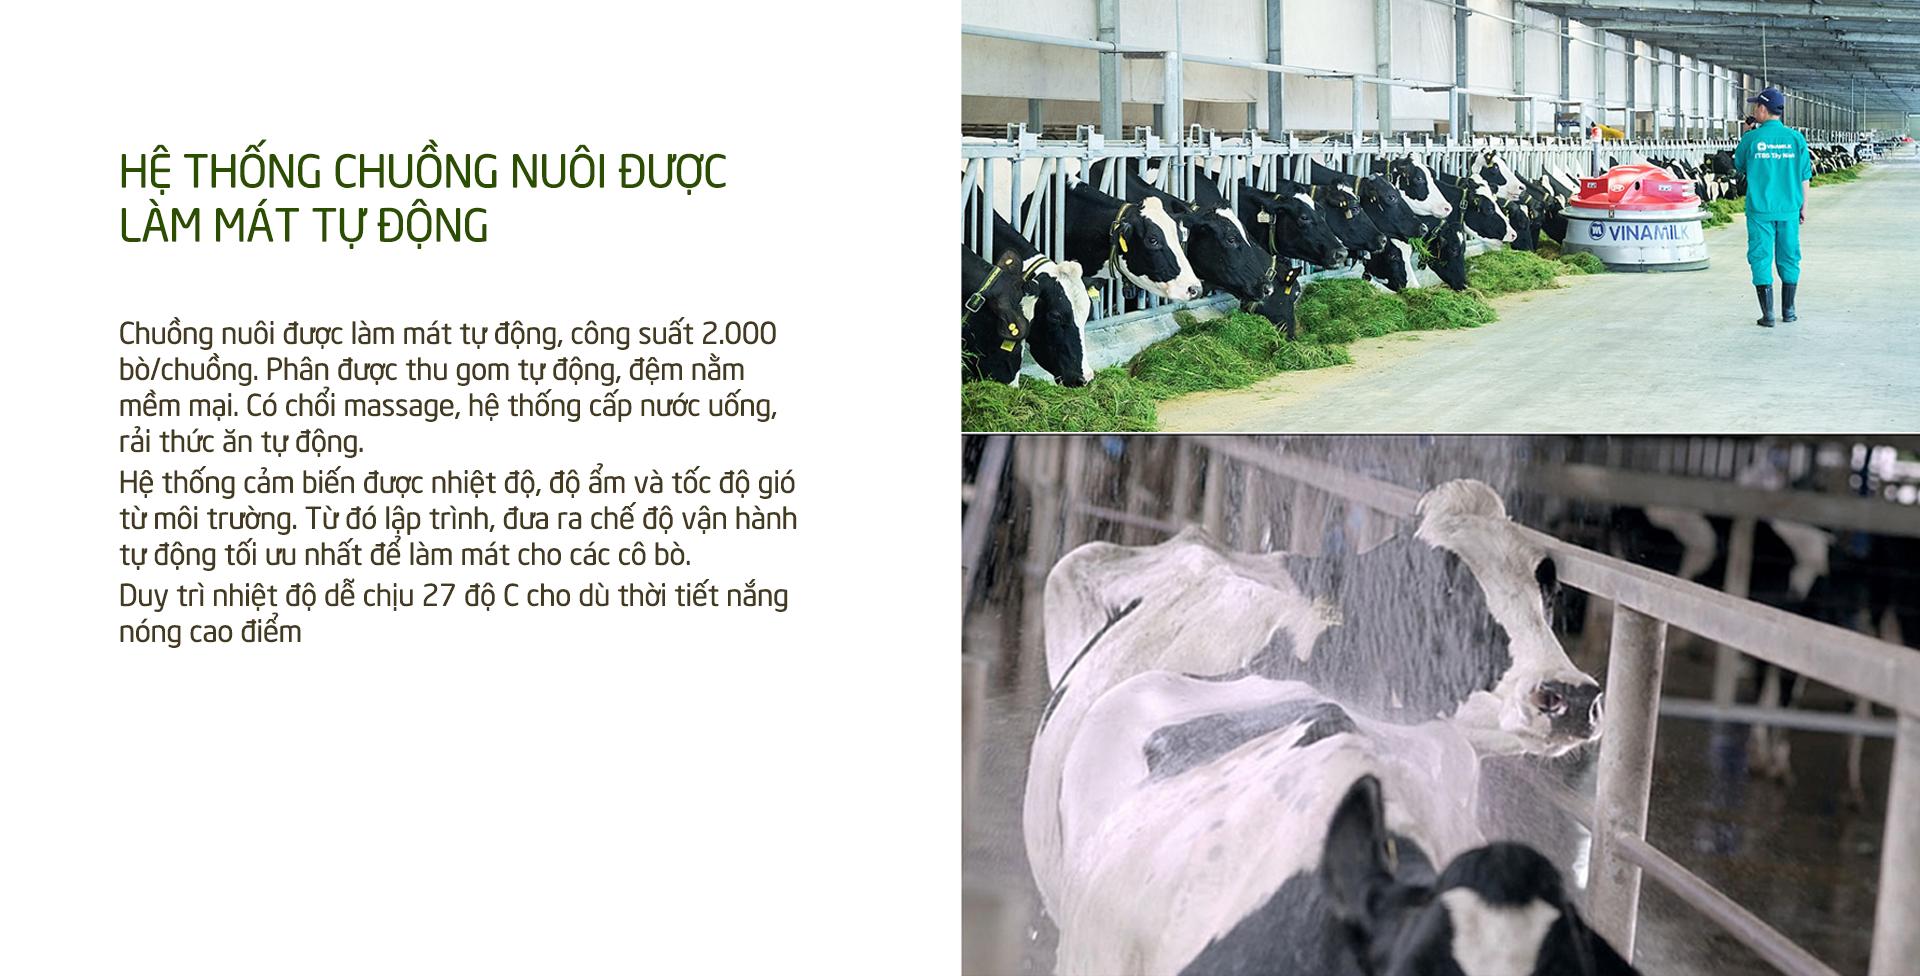 Khám phá các tiện nghi chuẩn 4.0 dành cho bò sữa của Vinamilk - Ảnh 9.